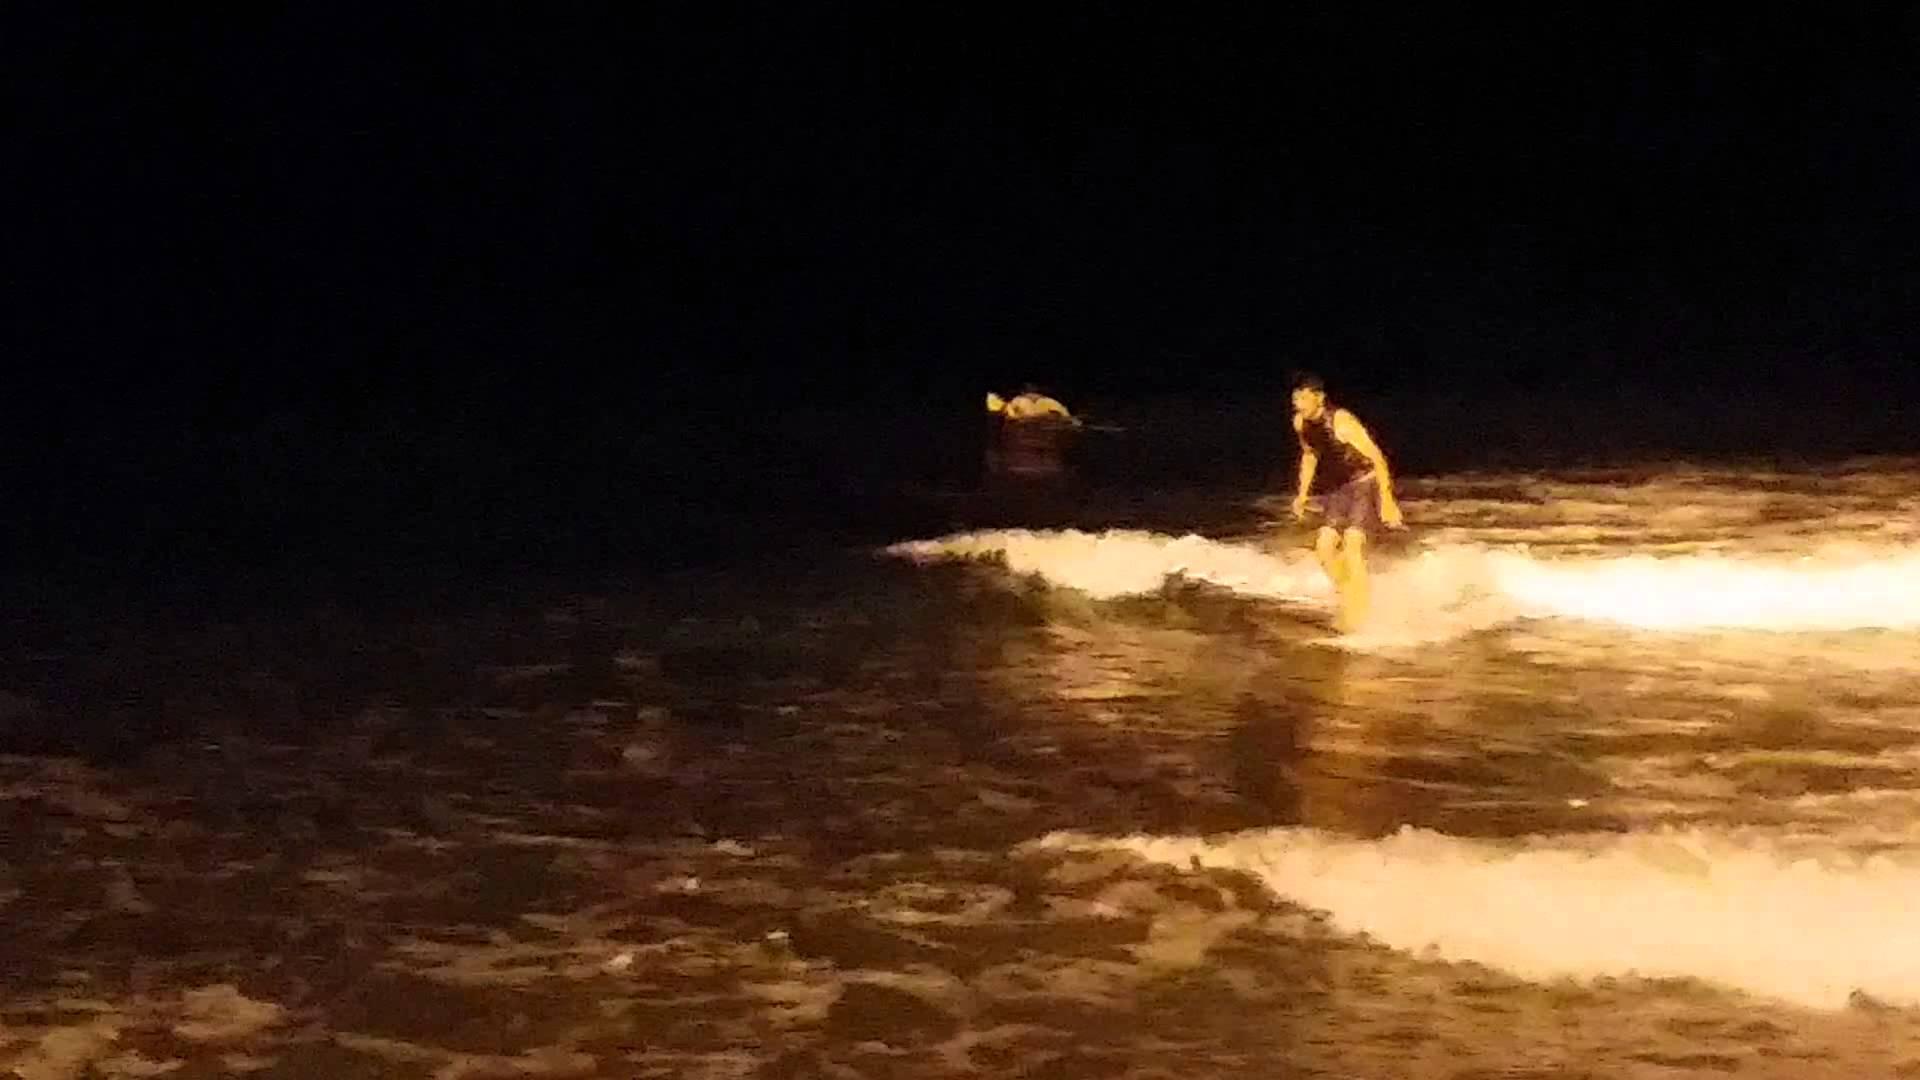 Vietnam Surfing